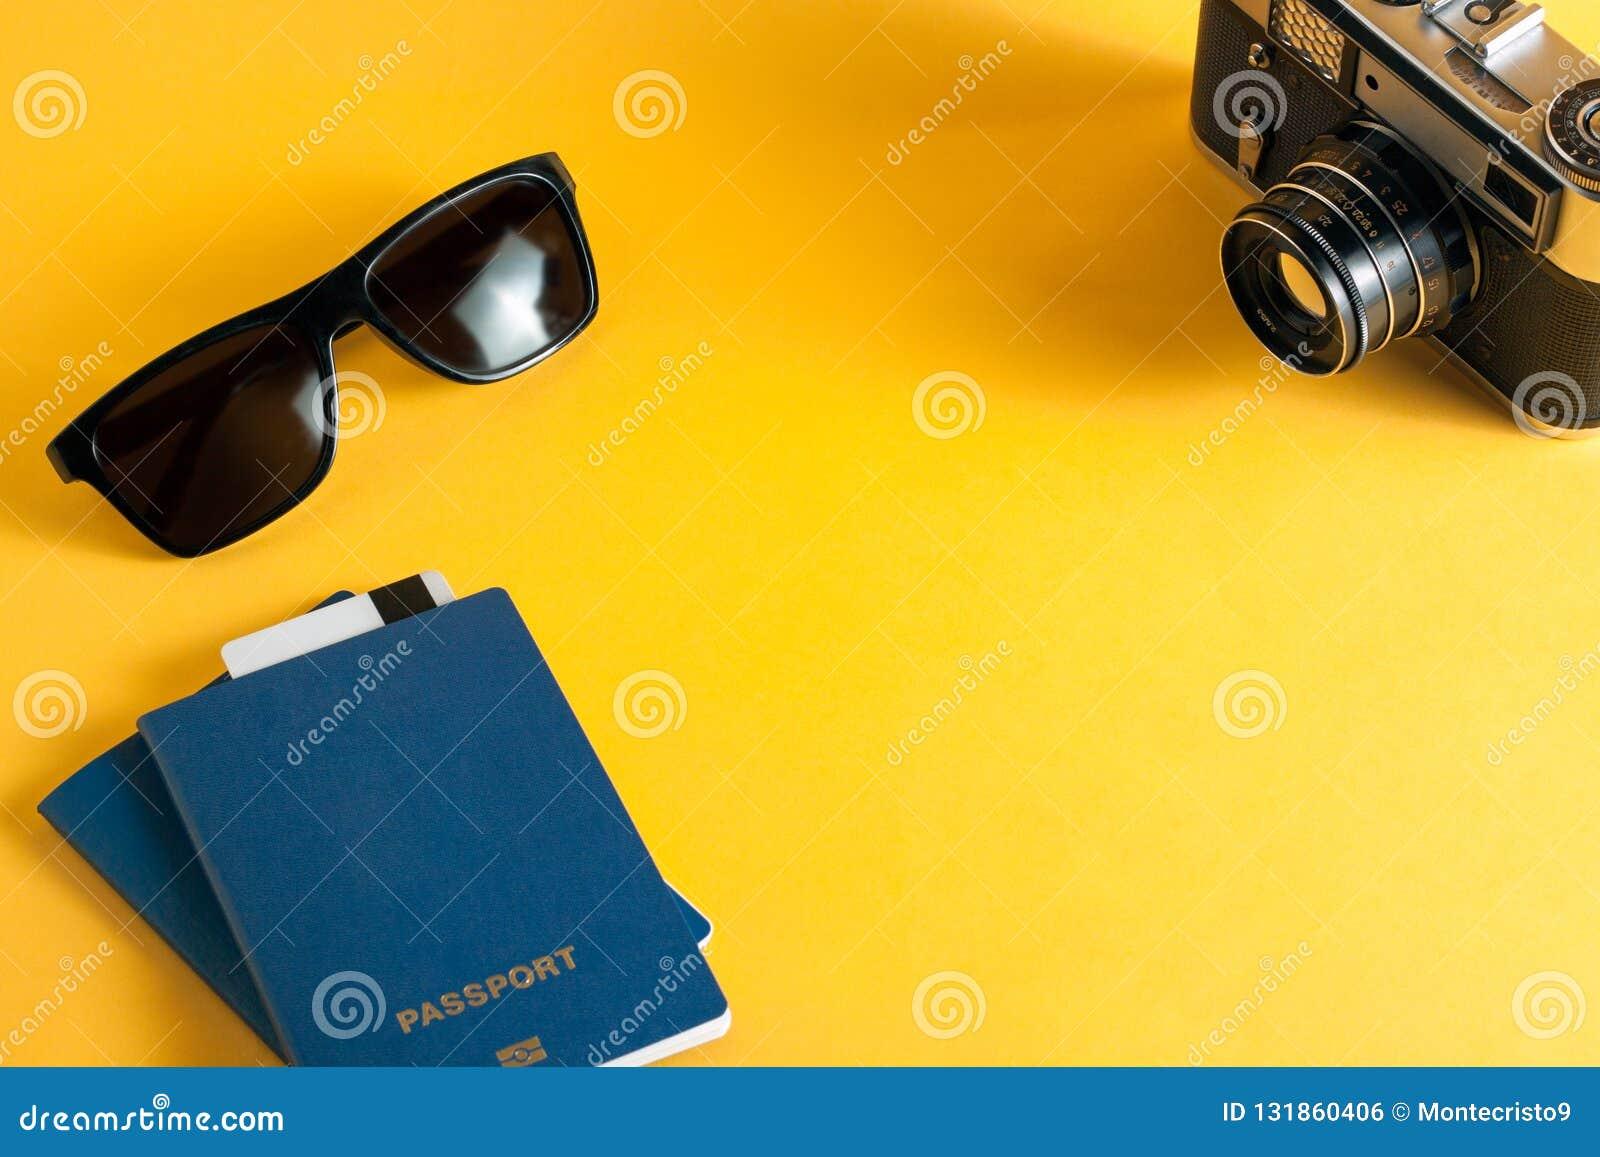 Le concept des loisirs et du tourisme passeport, lunettes de soleil et approvisionnements biométriques pour des voyageurs